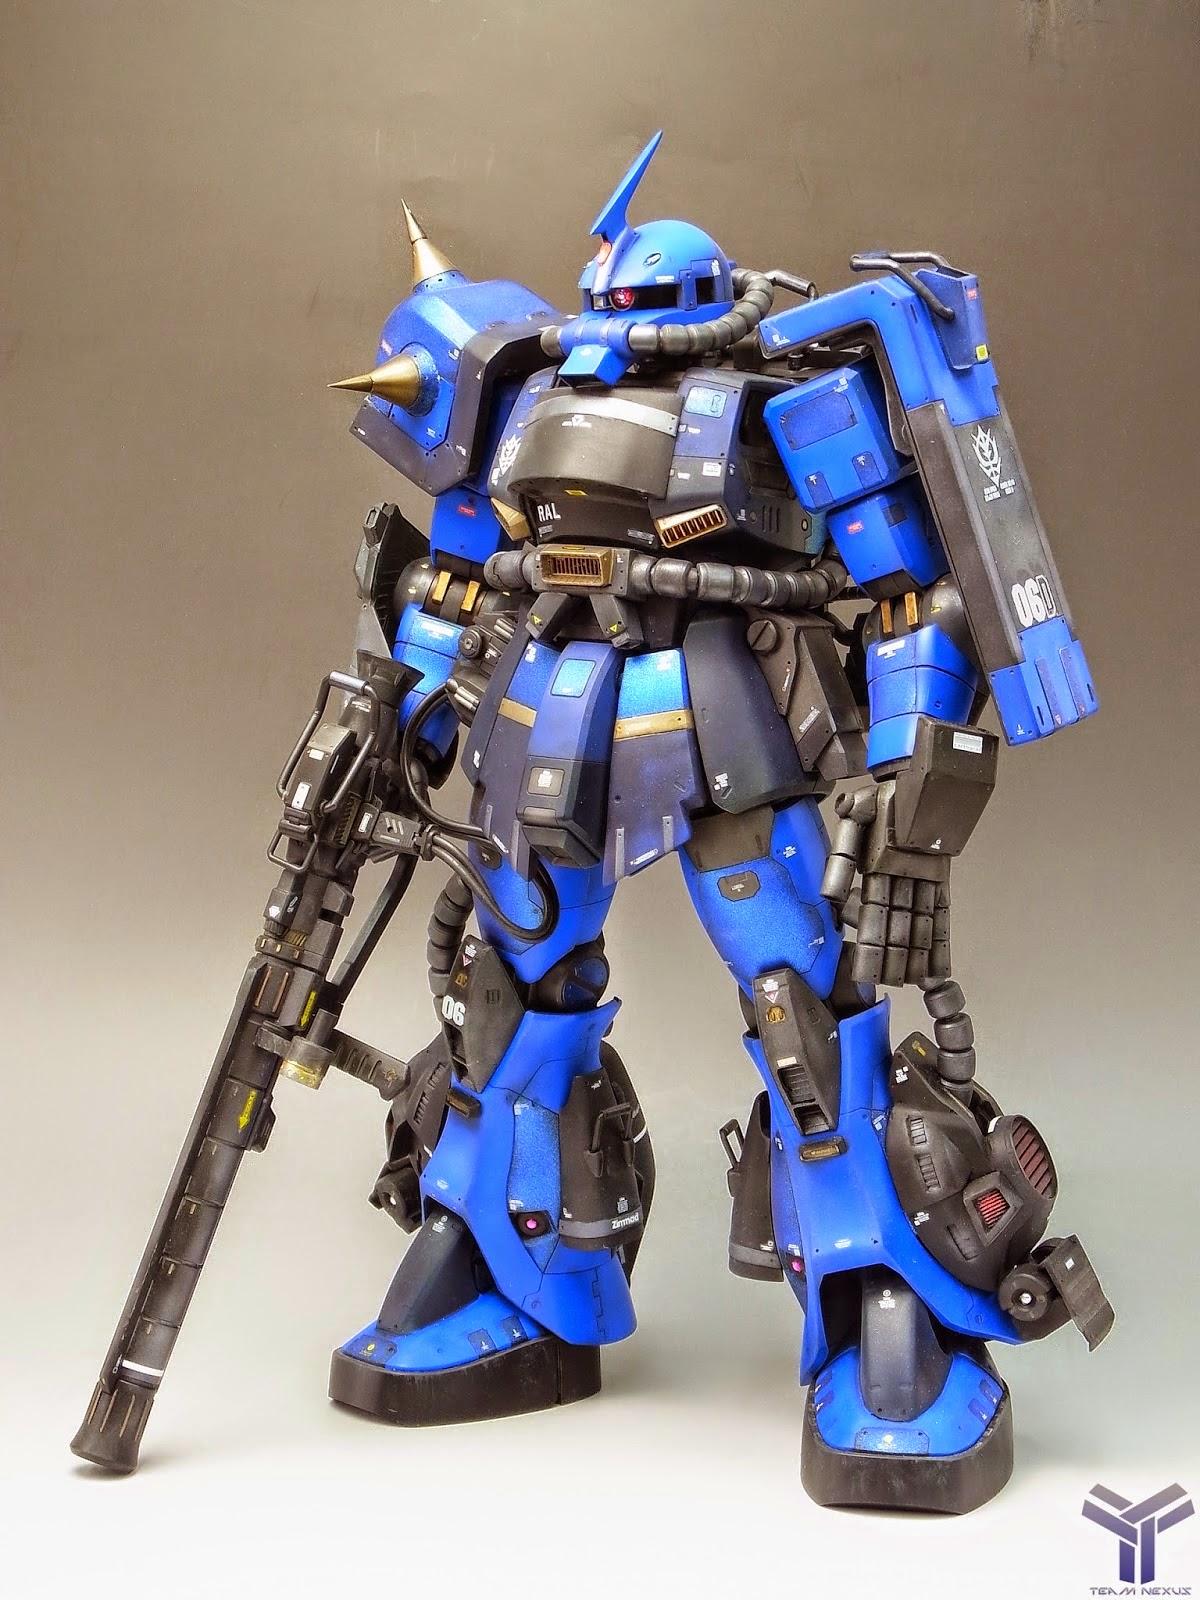 Megasize Zaku II modeled by G-Cool Studiophoto